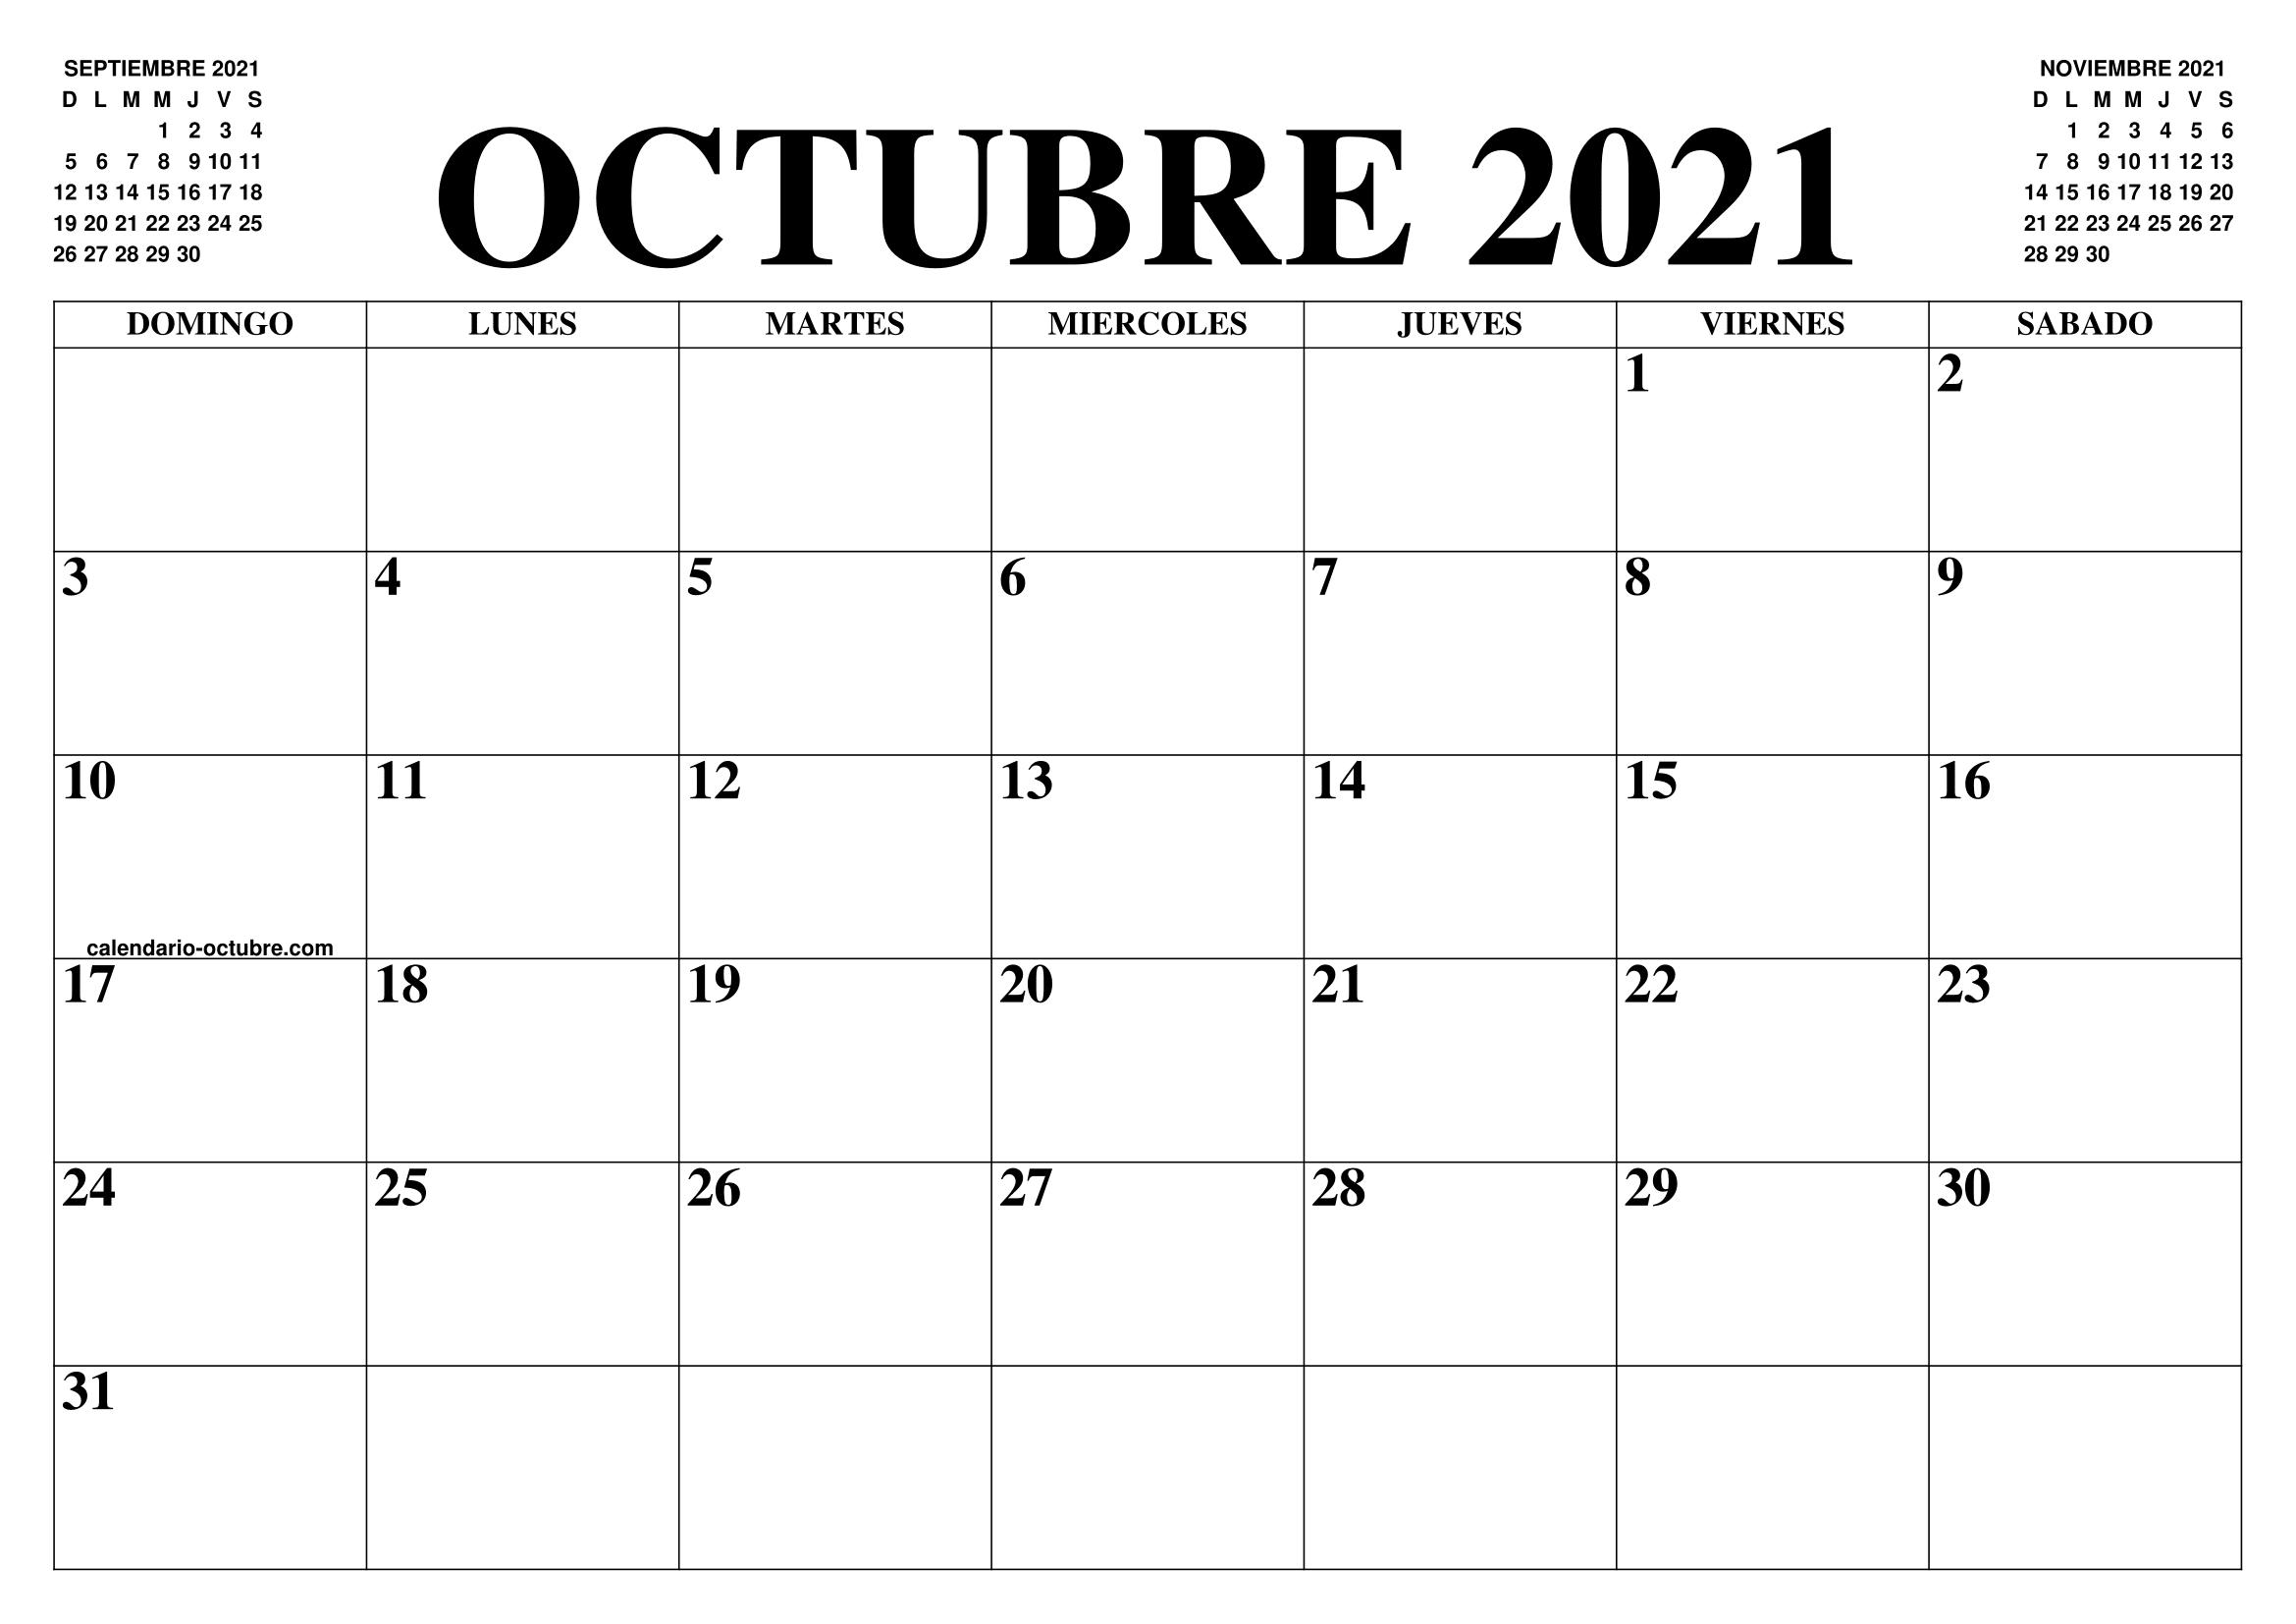 Calendario De Octubre 2021 CALENDARIO OCTUBRE 2021 : EL CALENDARIO OCTUBRE 2021 PARA IMPRIMIR